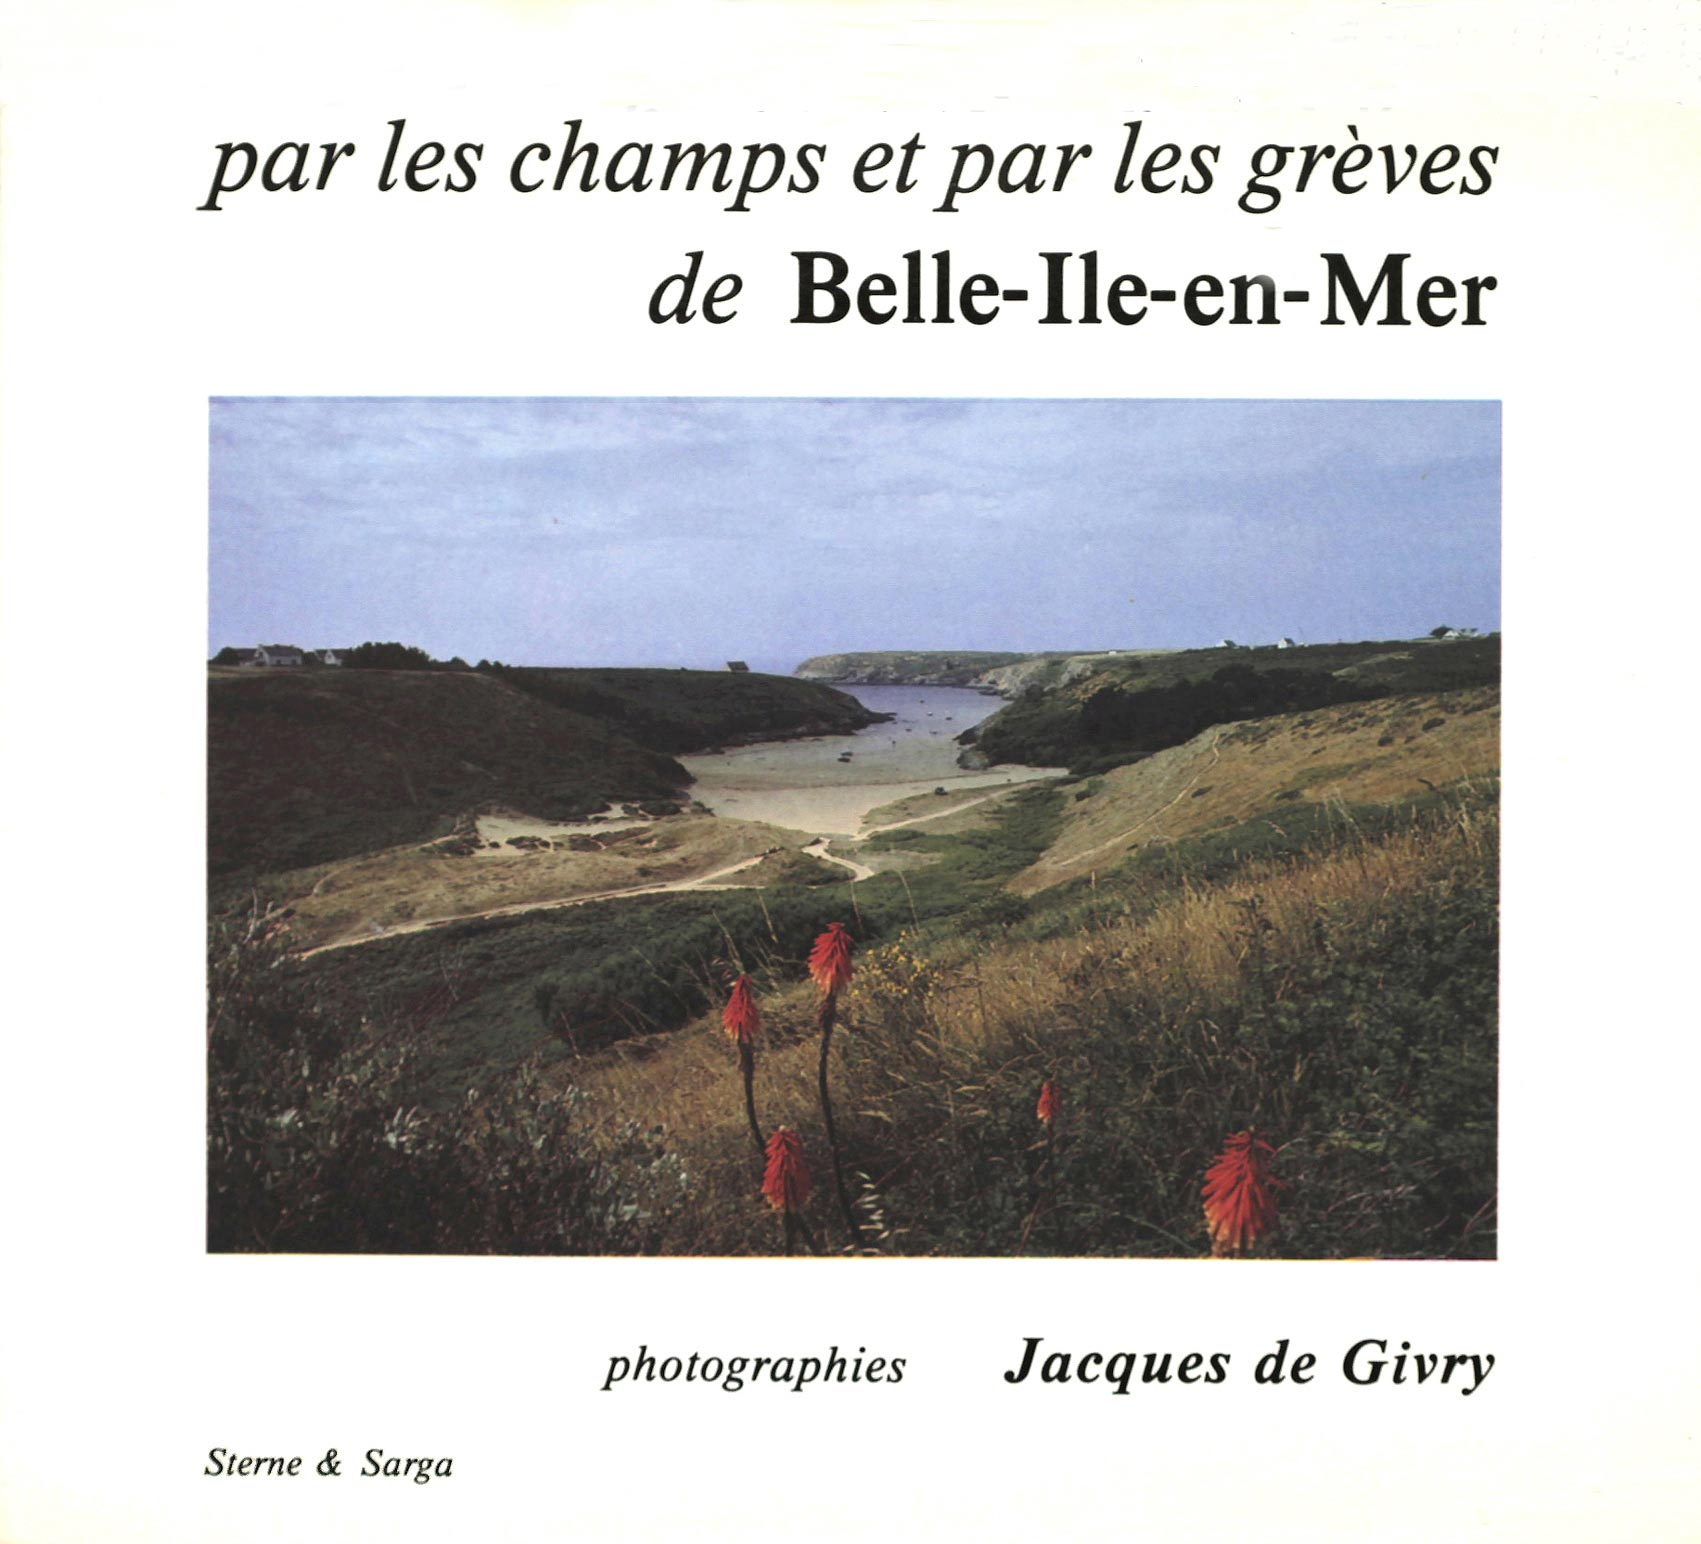 Jacques de Givry, Par les champs et par les grèves de Belle-Île-en-mer, Sterne & Sarga,1981